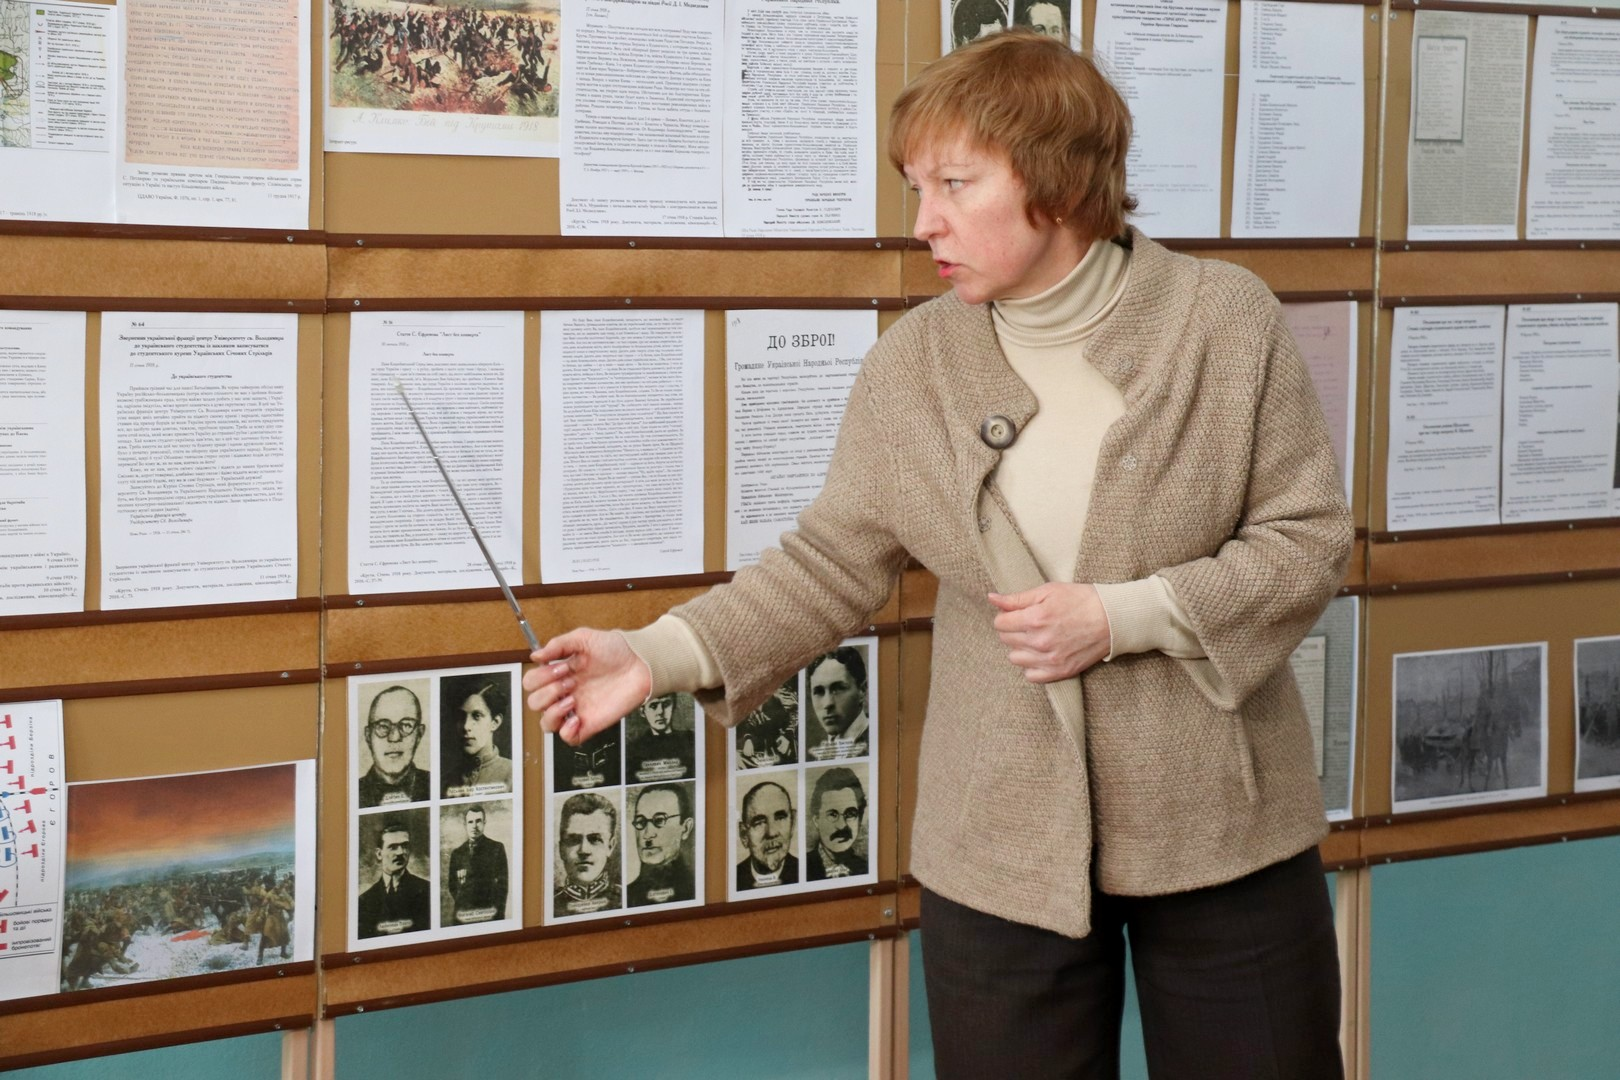 Пам'яті Героїв Крут: про подвиг — у фото та документах (Фото)